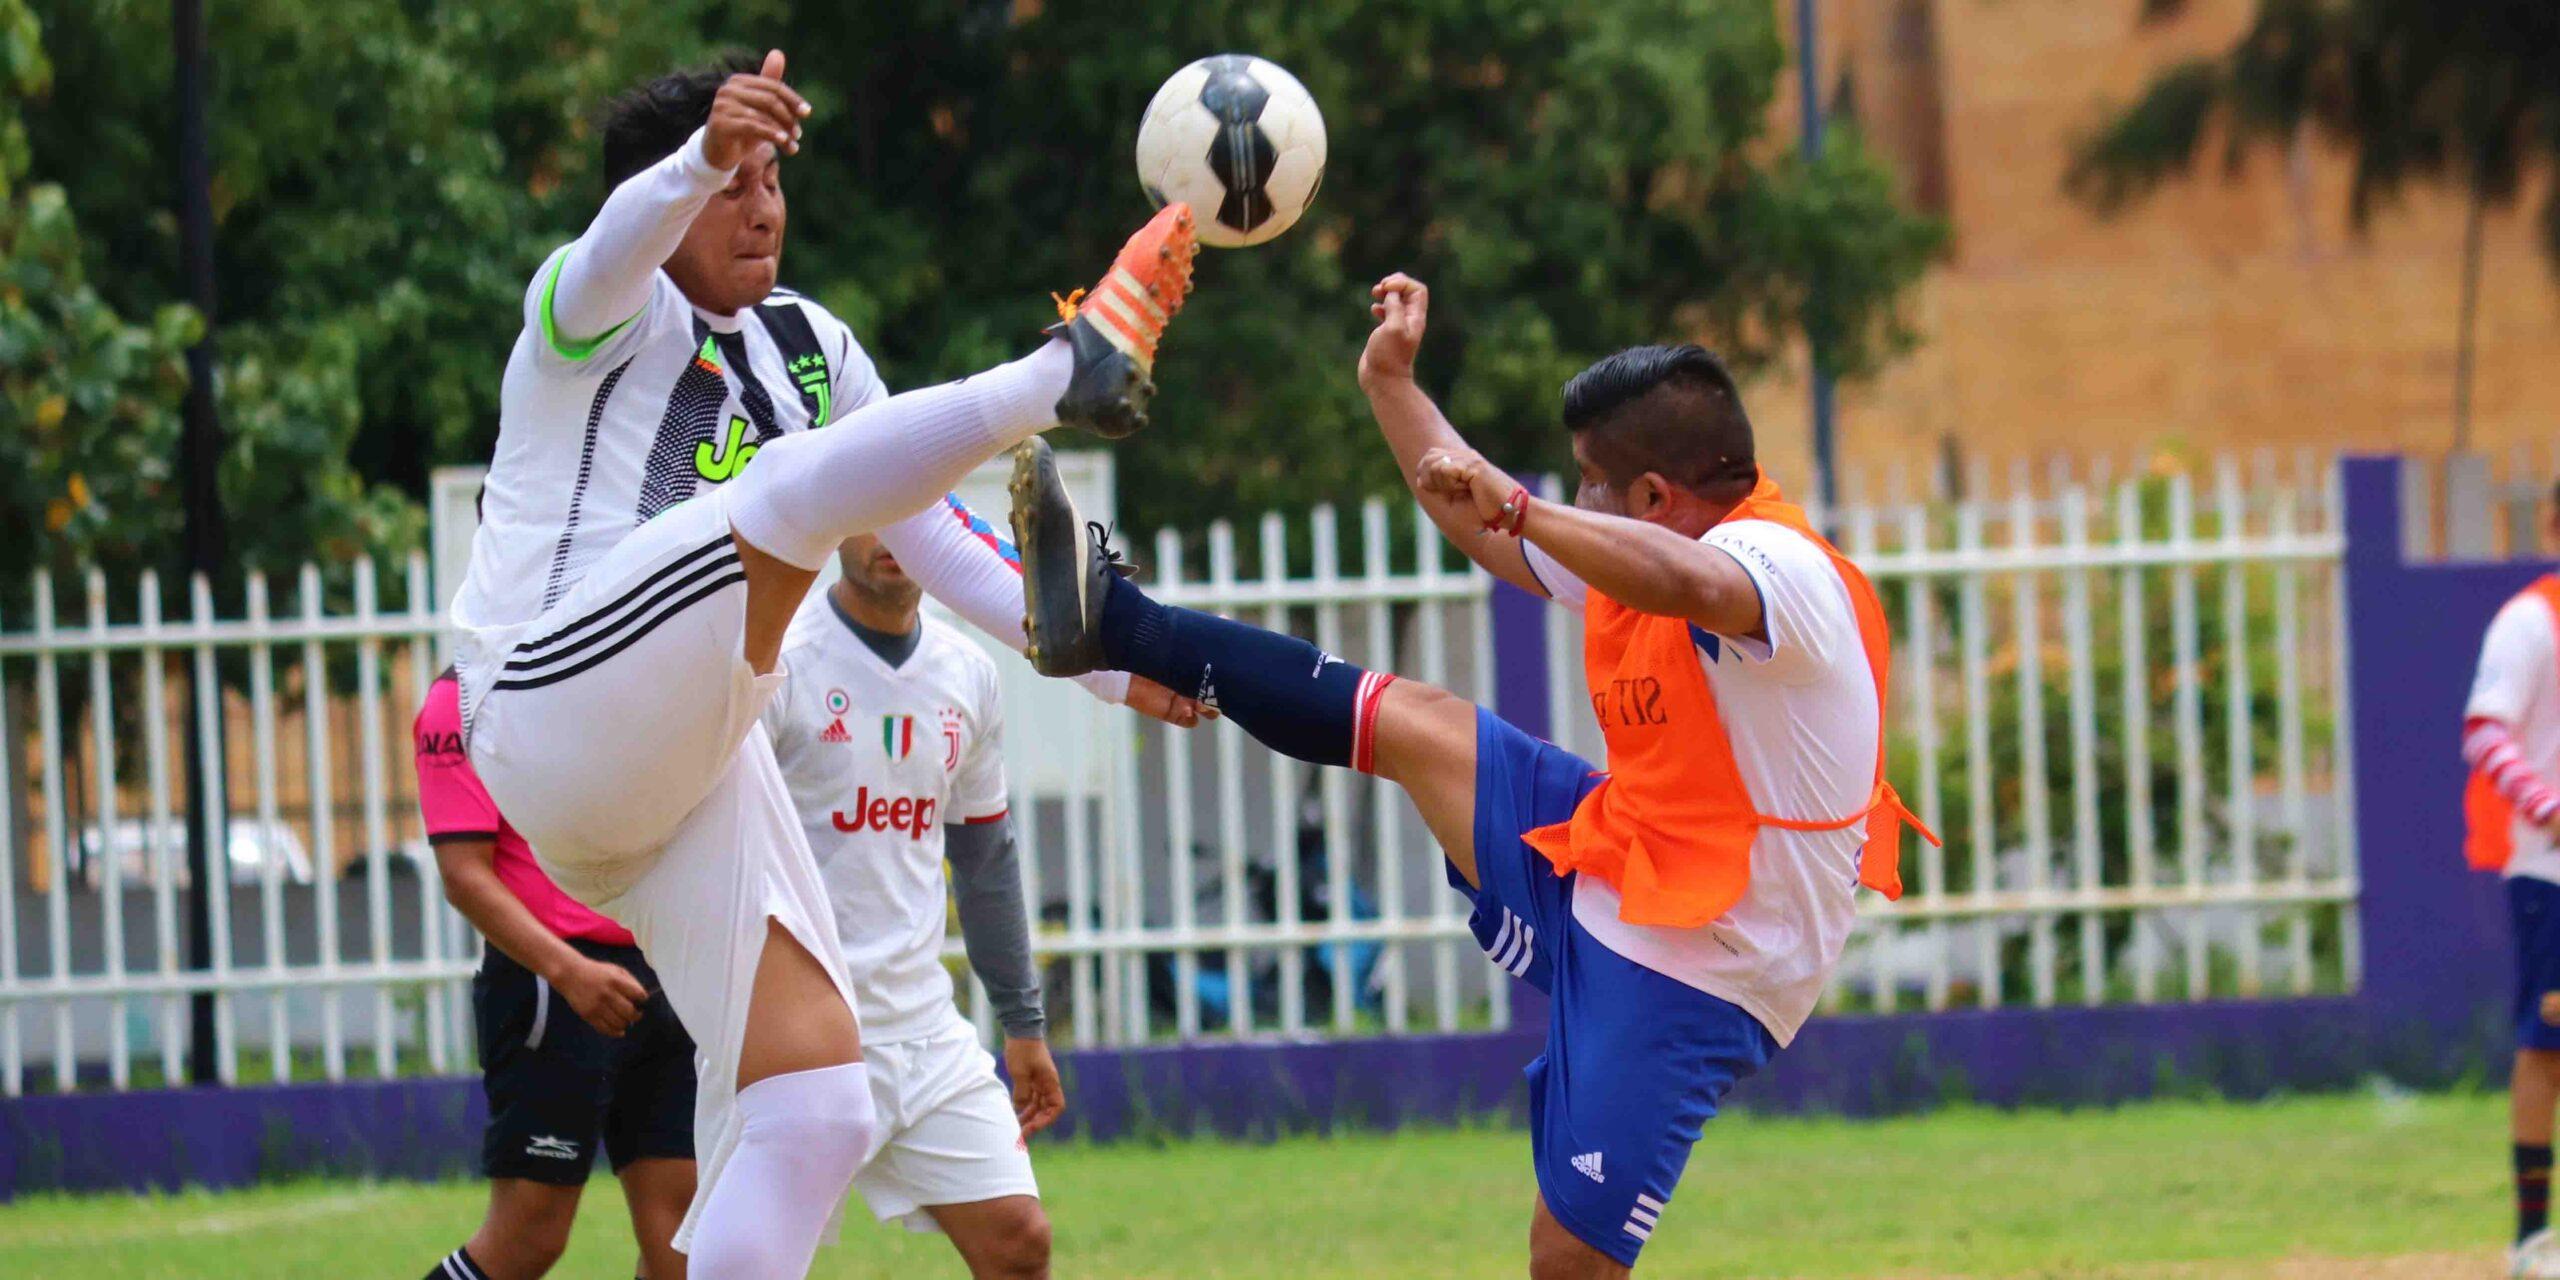 Las Palmas propina su 2ª goleada | El Imparcial de Oaxaca